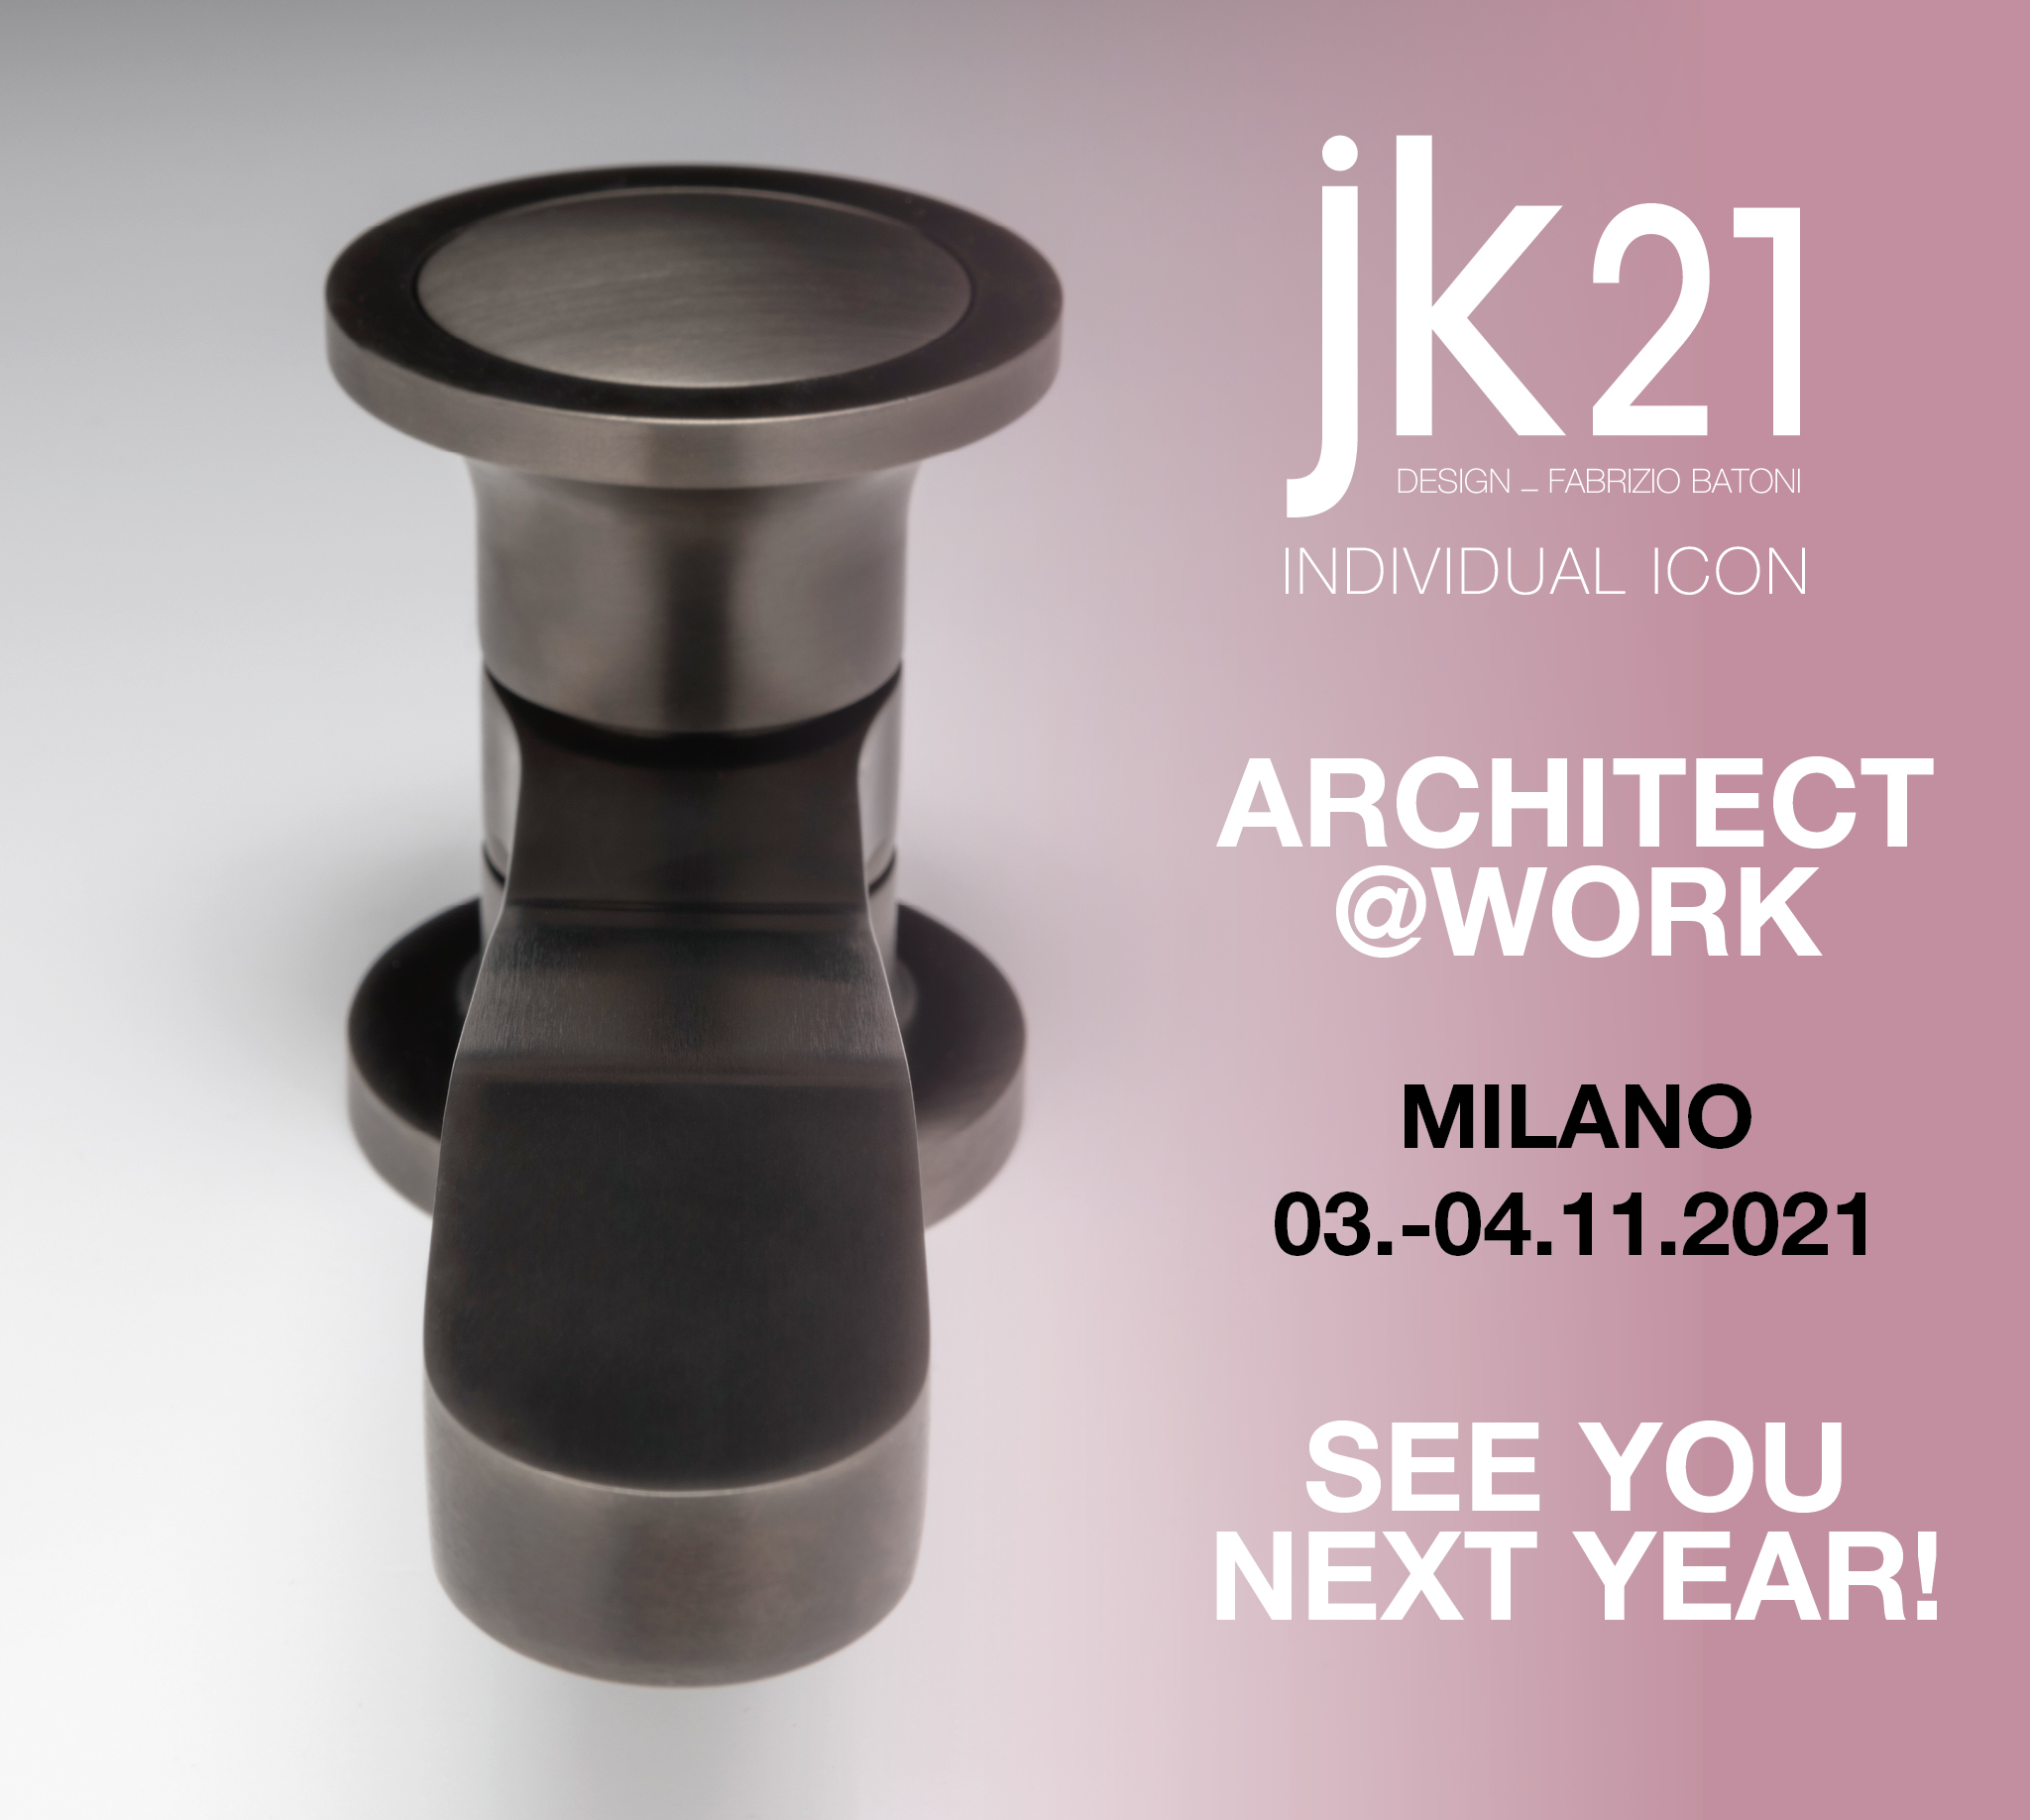 Architect @ Work Milan postponed to 2021